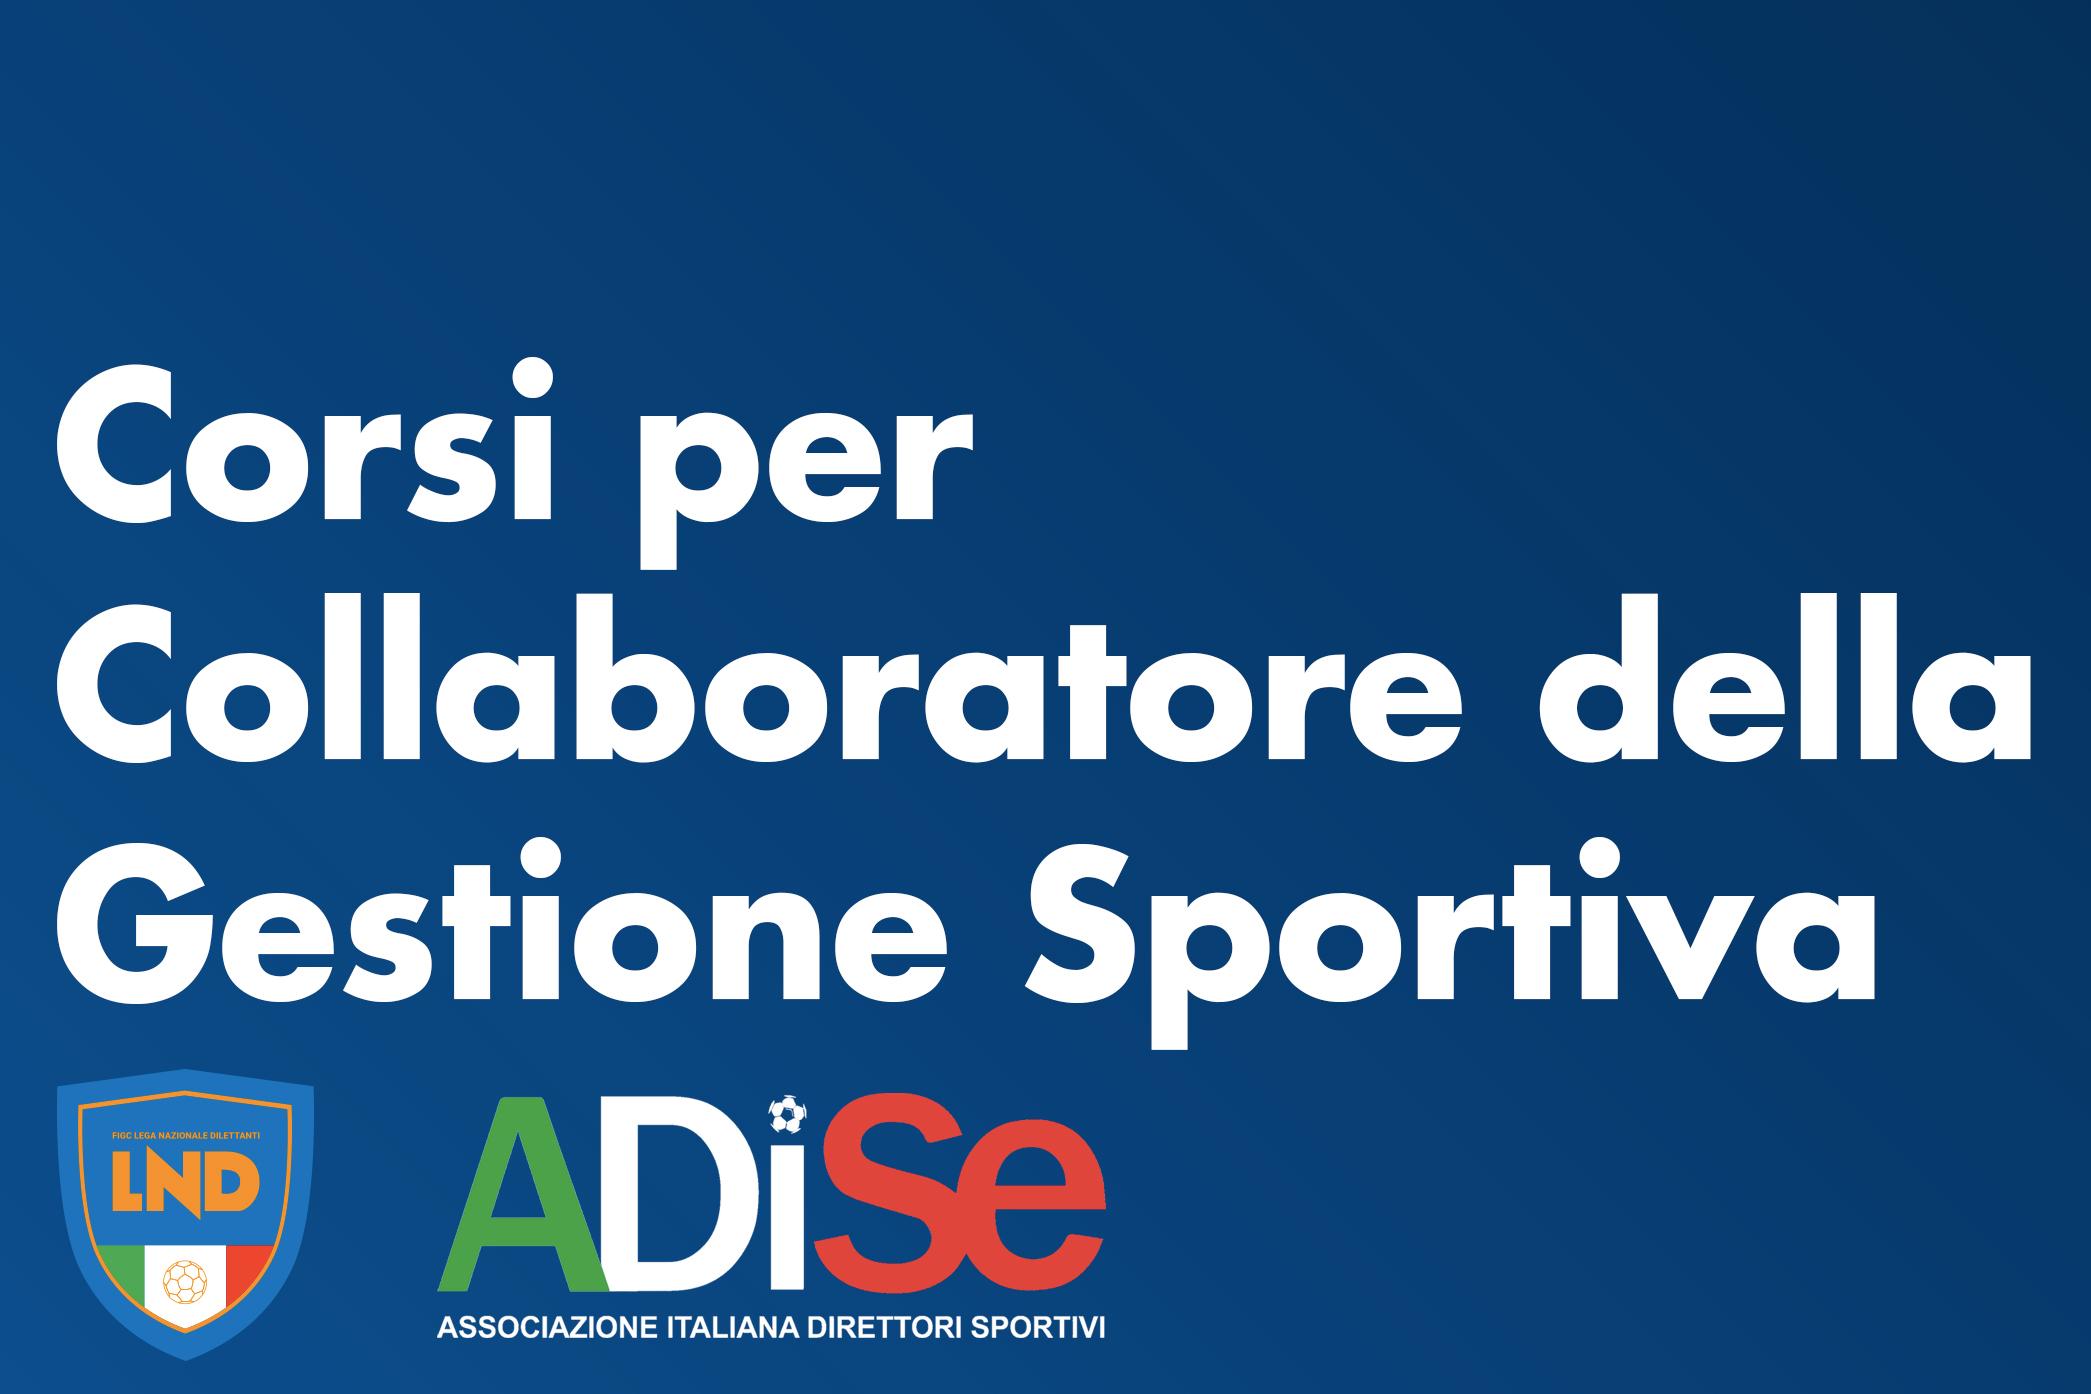 Settore Tecnico: Indetti Tre Corsi Per Collaboratore Della Gestione Sportiva